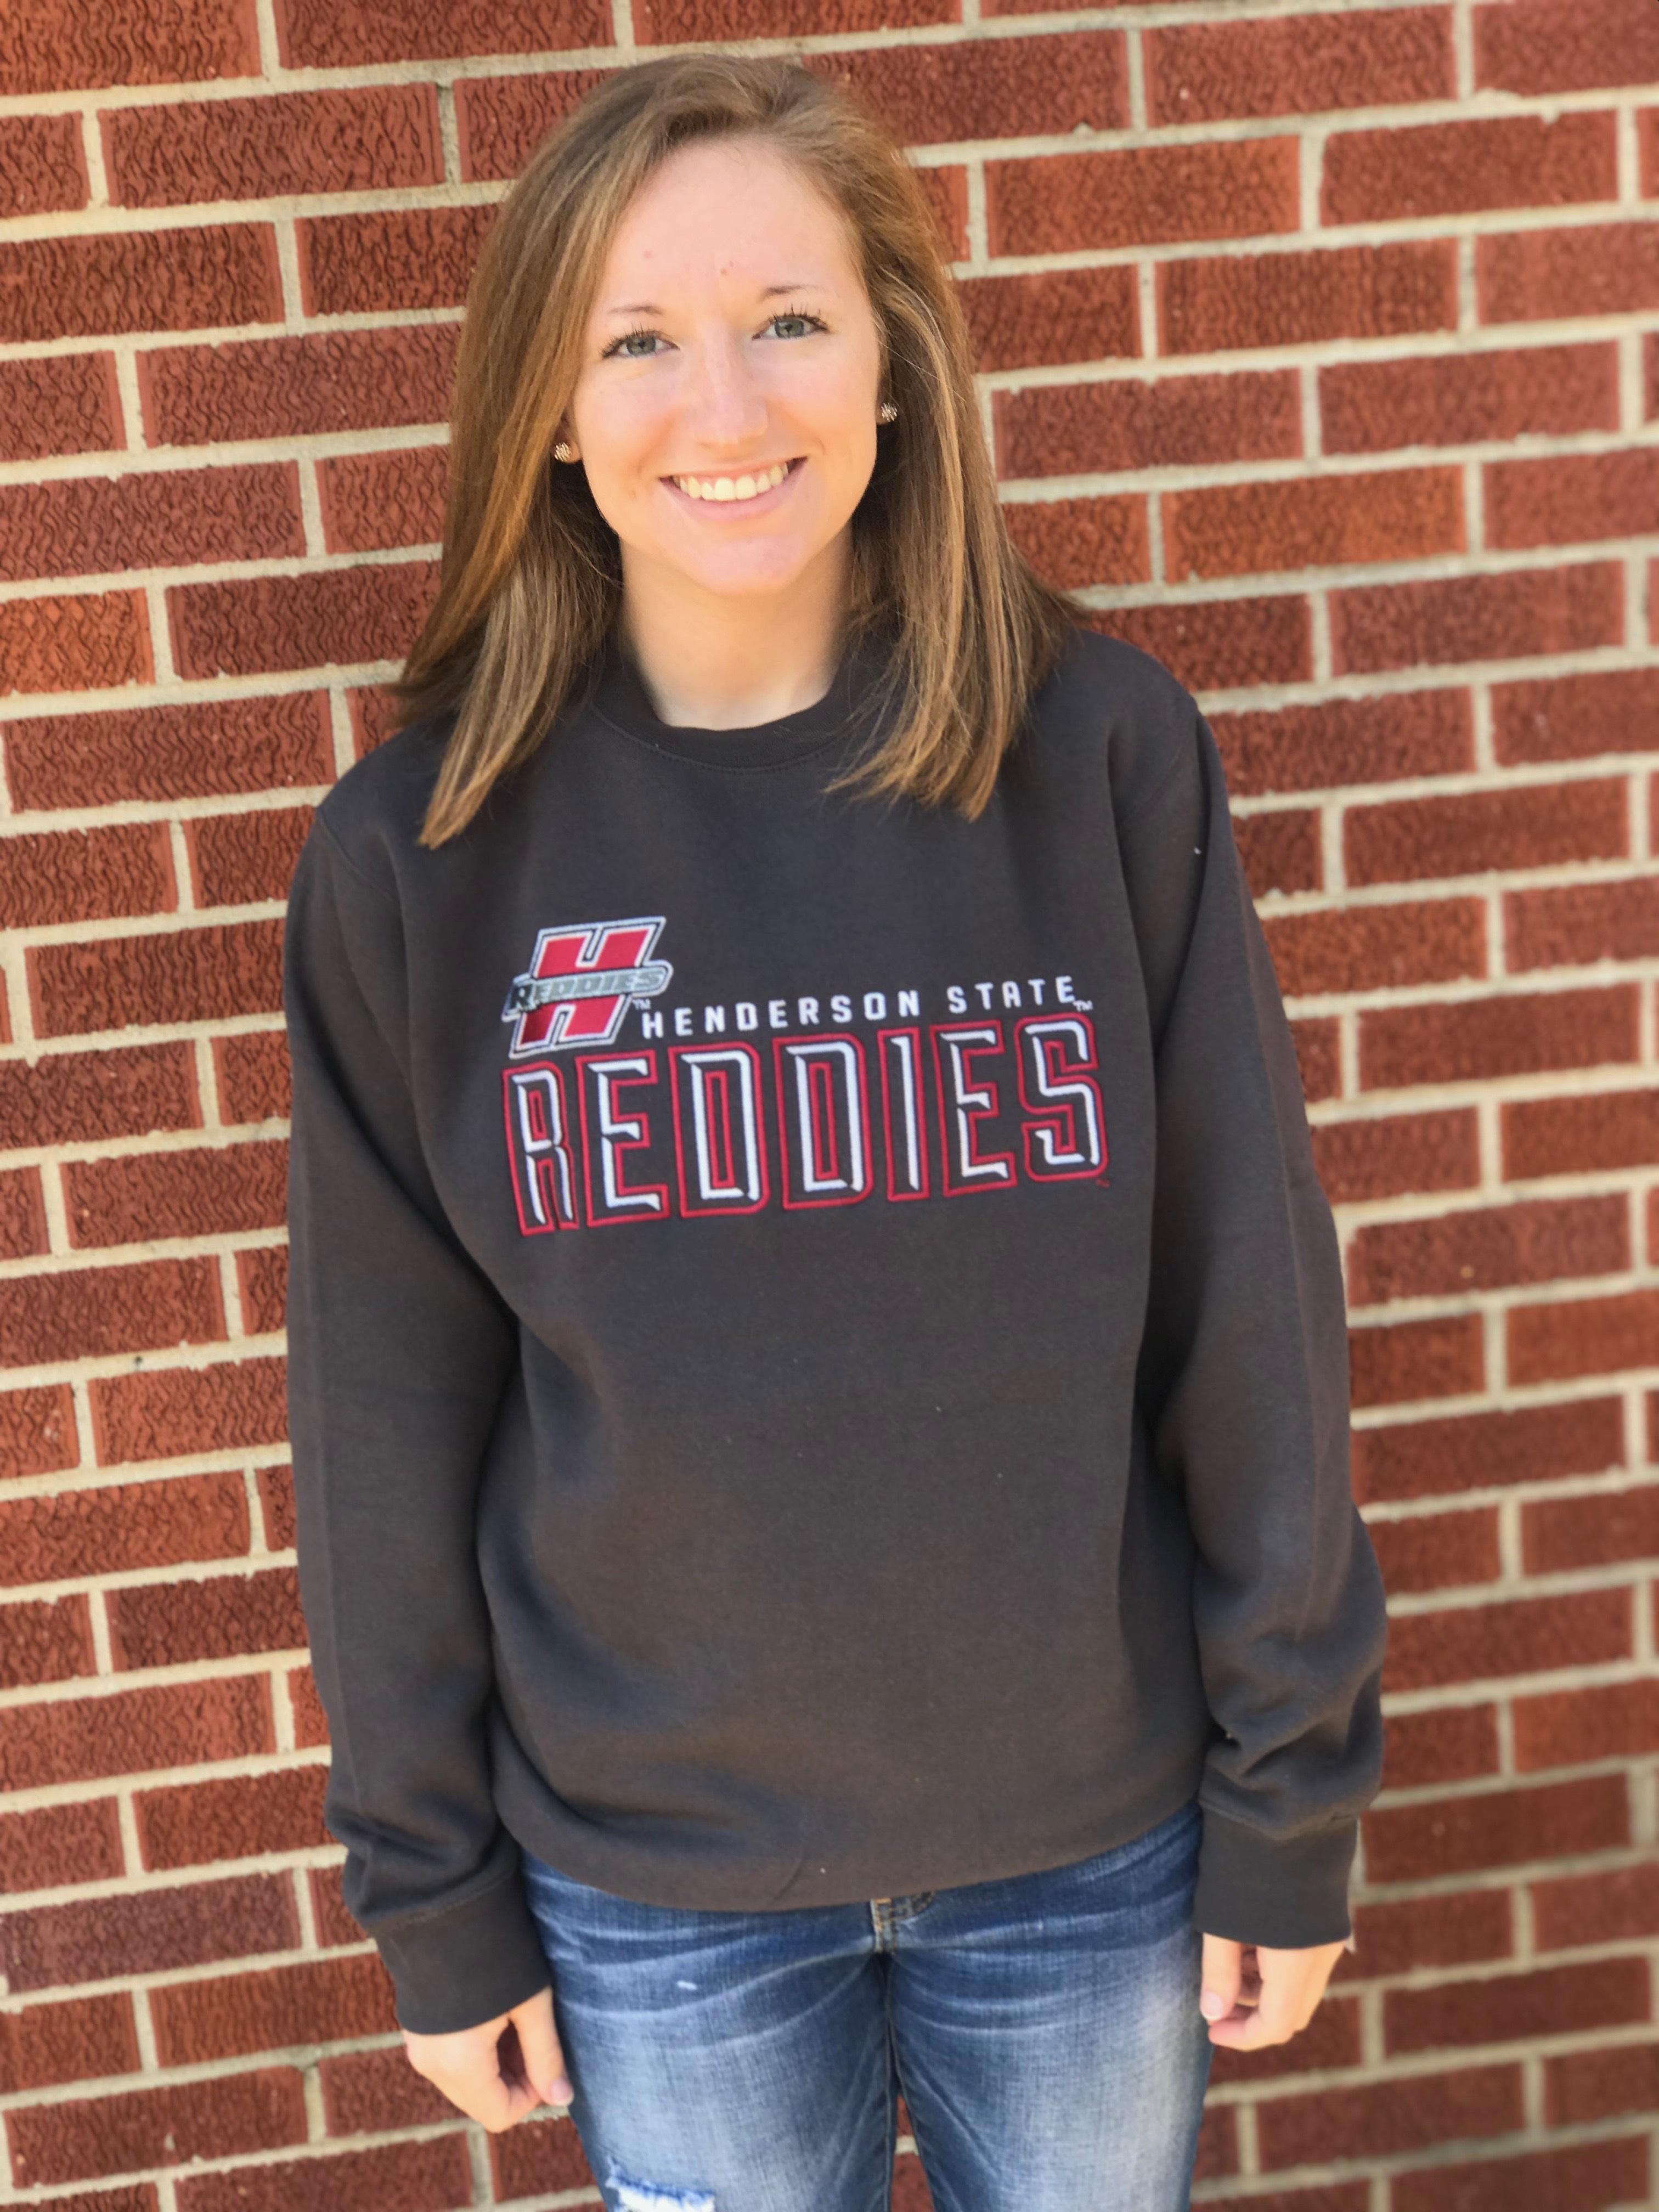 Hreddies Henderson Reddies Crew Sweatshirt